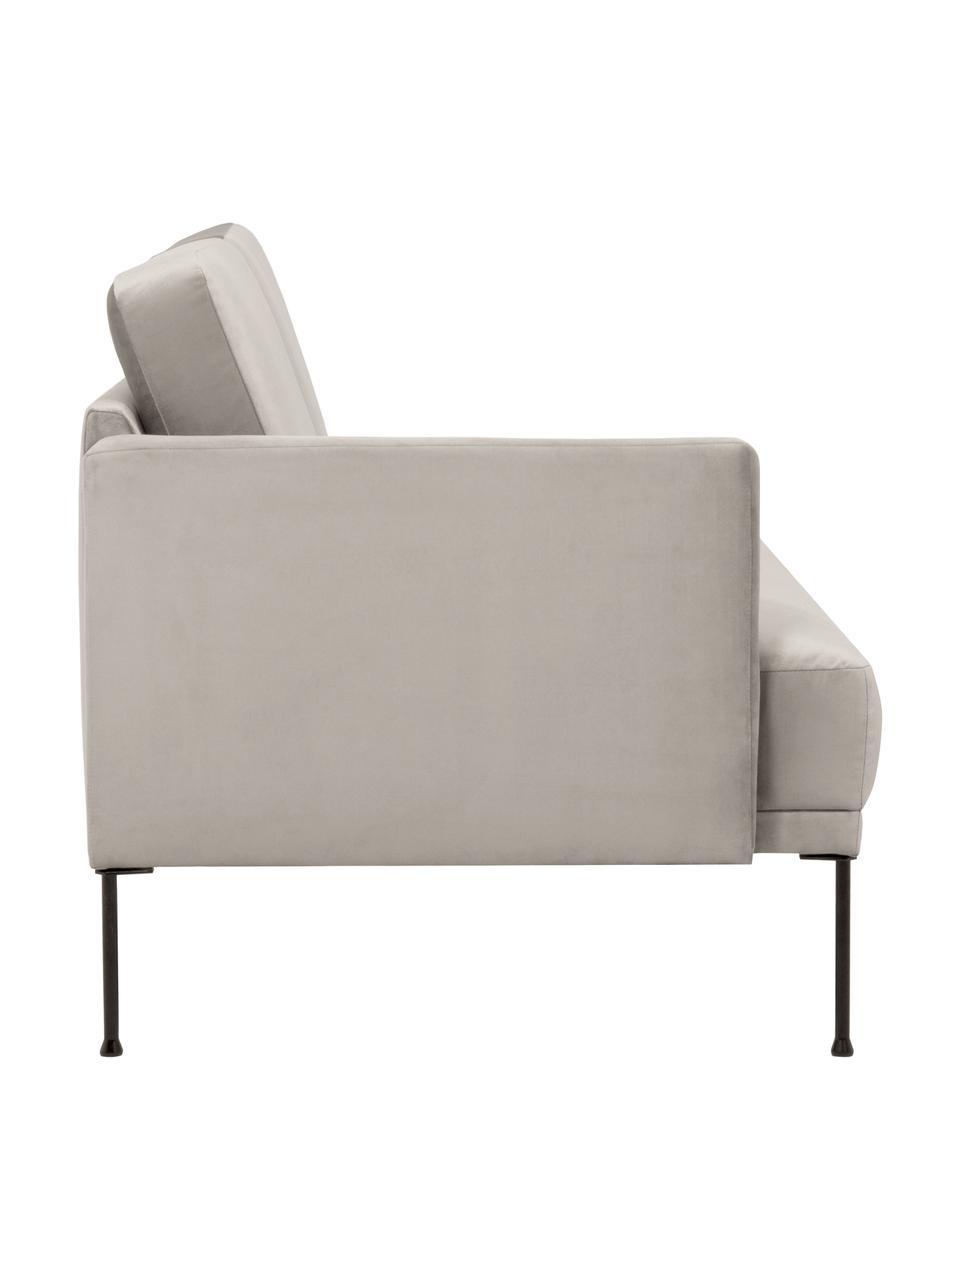 Chaise longue in velluto beige Fluente, Rivestimento: velluto (rivestimento in , Struttura: legno di pino massiccio, Piedini: metallo verniciato a polv, Velluto beige, Larg. 202 x Prof. 85 cm